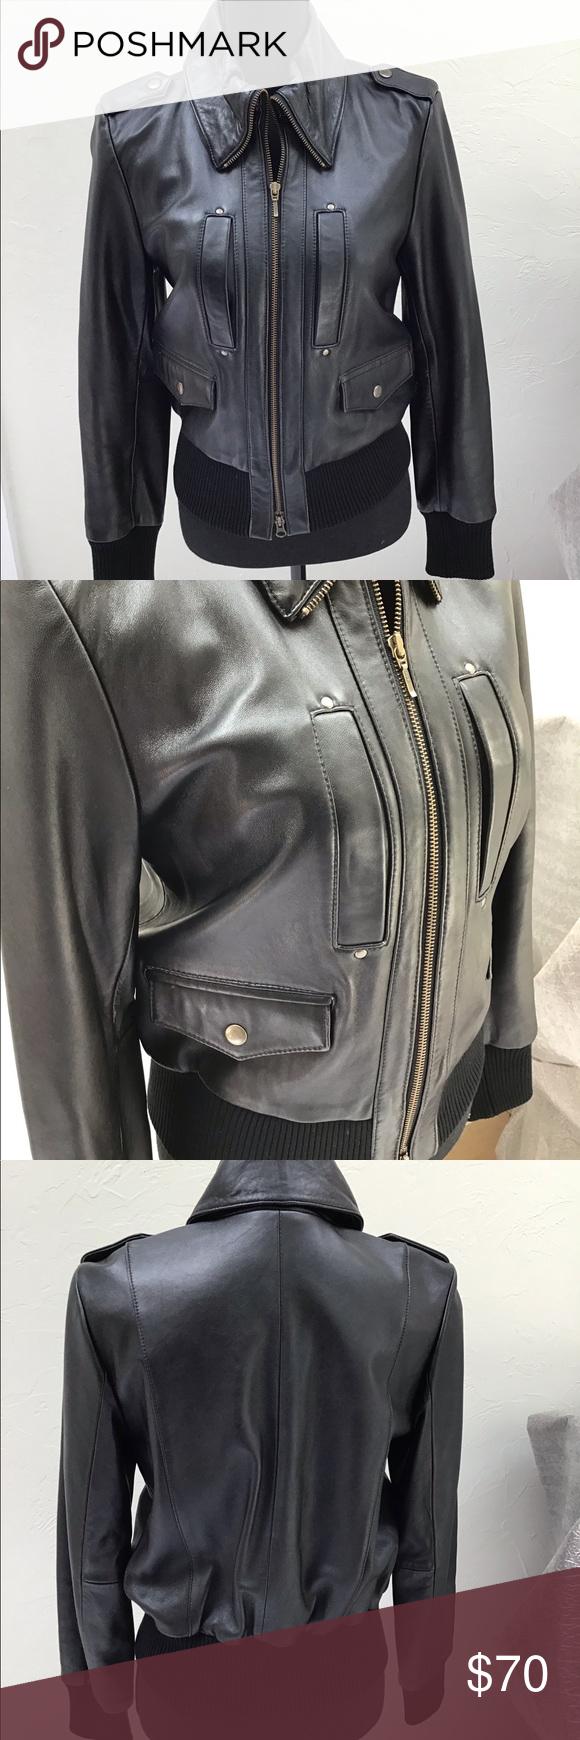 Inc Black Leather Jacket Leather Jacket Black Leather Jacket Jackets [ 1740 x 580 Pixel ]